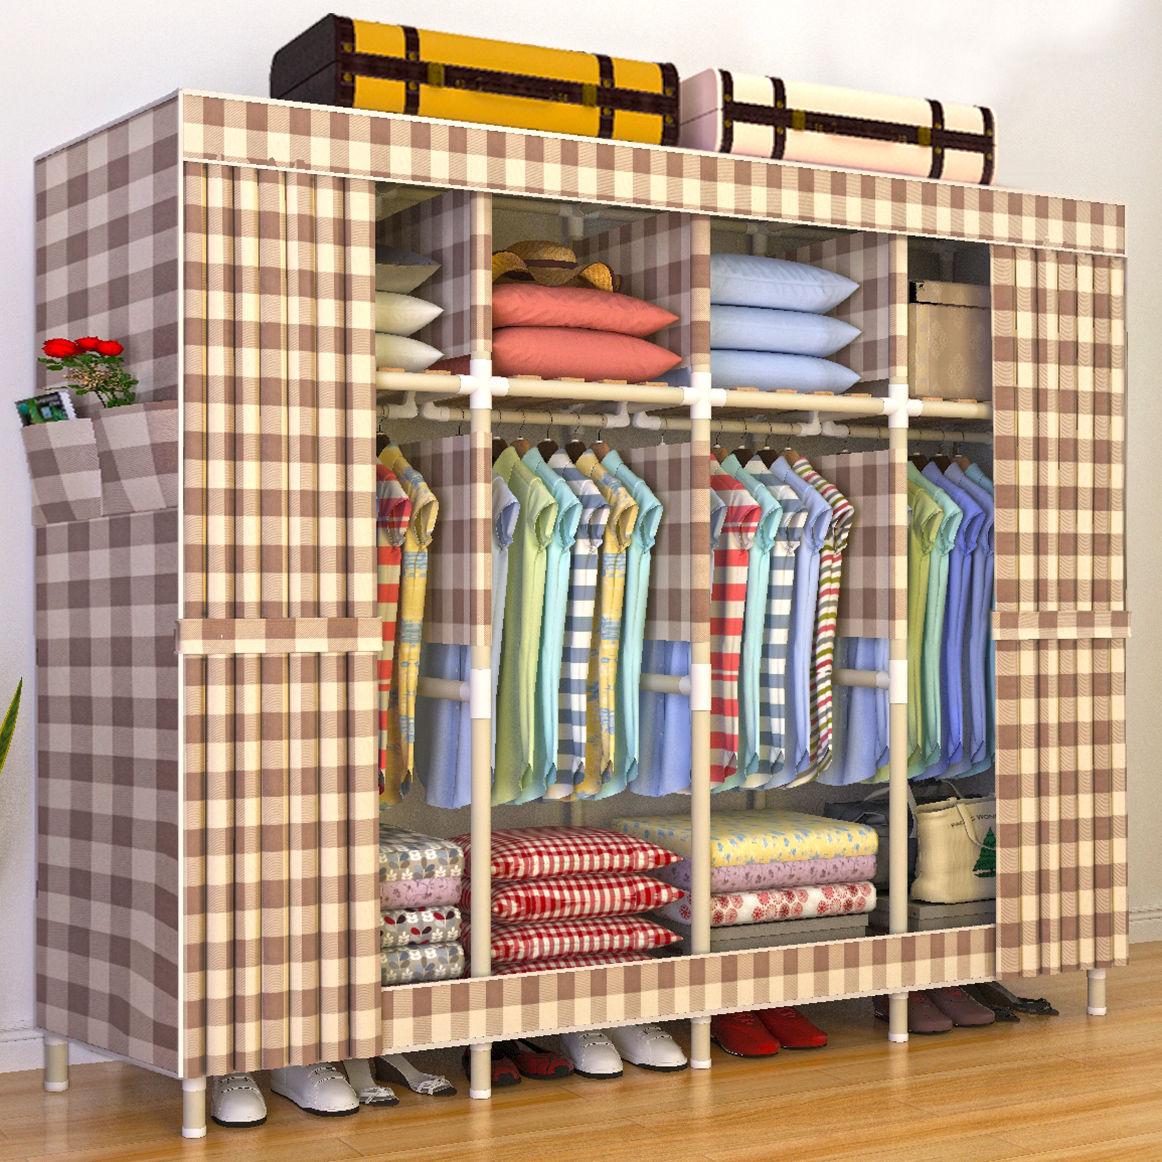 布衣柜是木头支架的好还是钢管的好_一起装修网